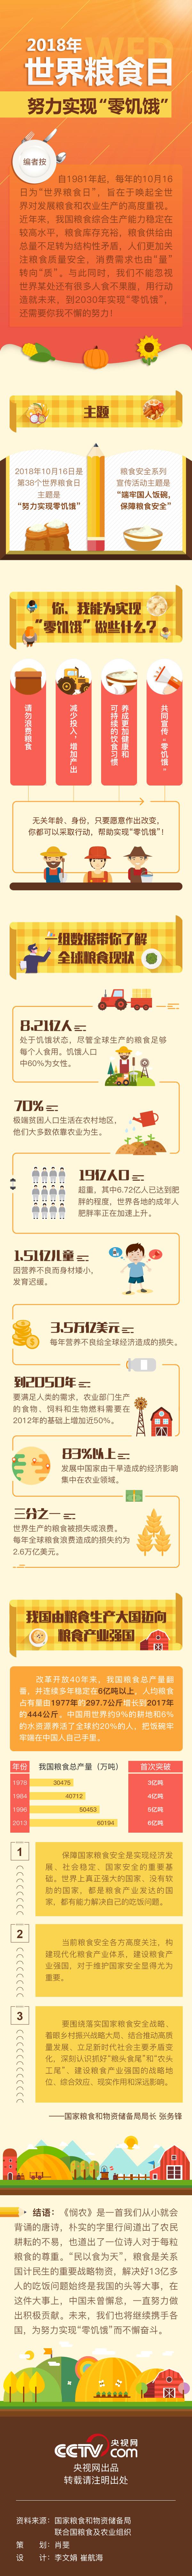 """图解丨2018世界粮食日 努力实现""""零"""